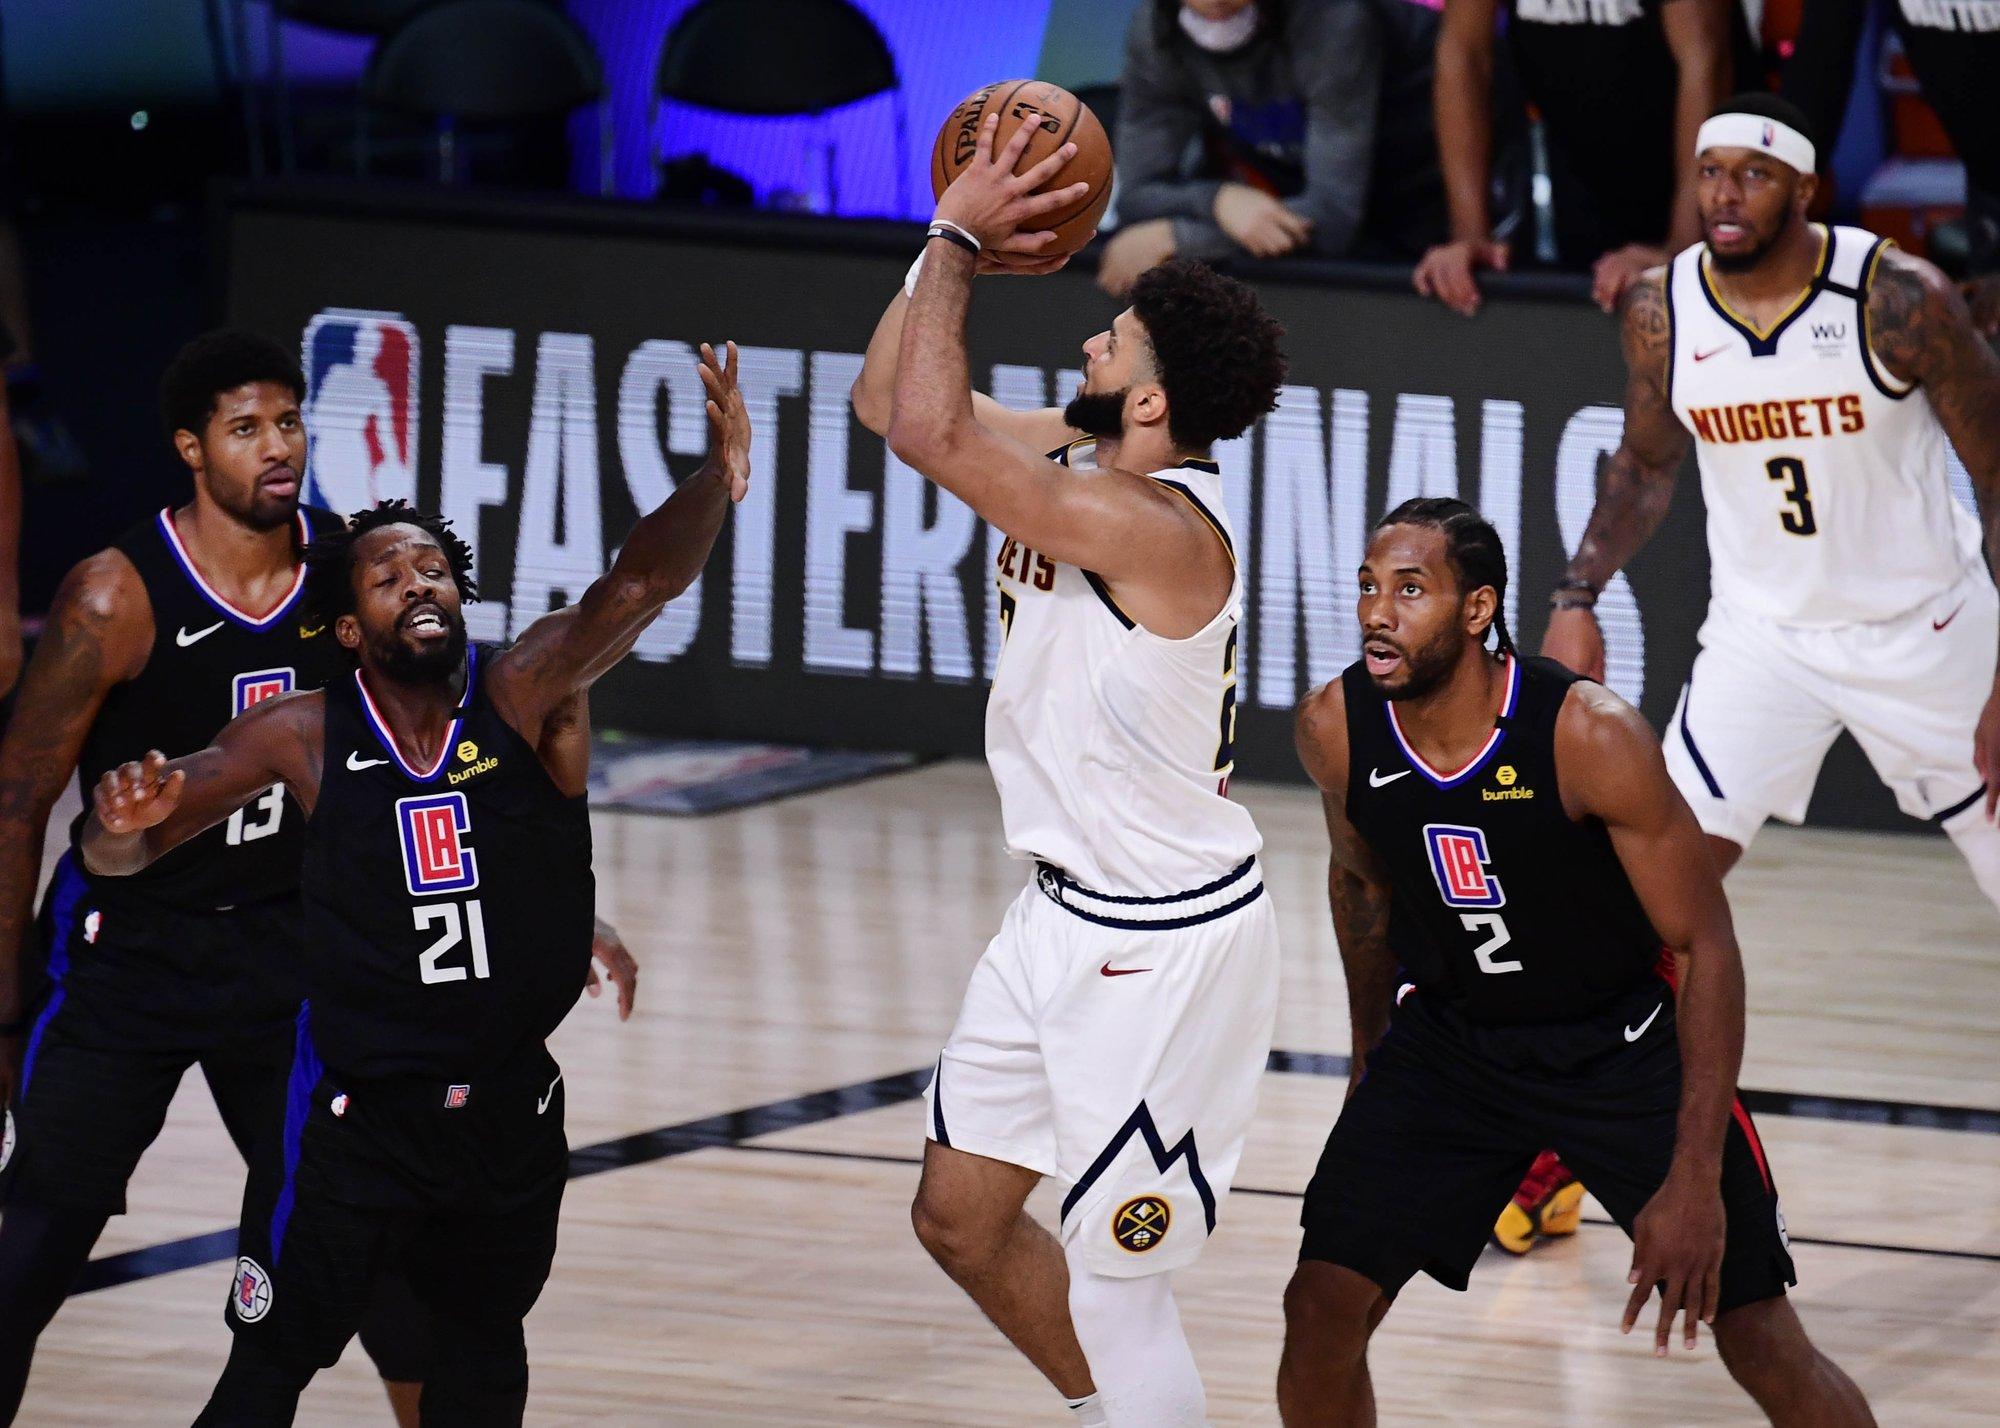 殺神模式!Murray爆砍40+5比可愛喬治加起來還多,6顆三分擊沉宇宙飛艇!(影)-黑特籃球-NBA新聞影音圖片分享社區